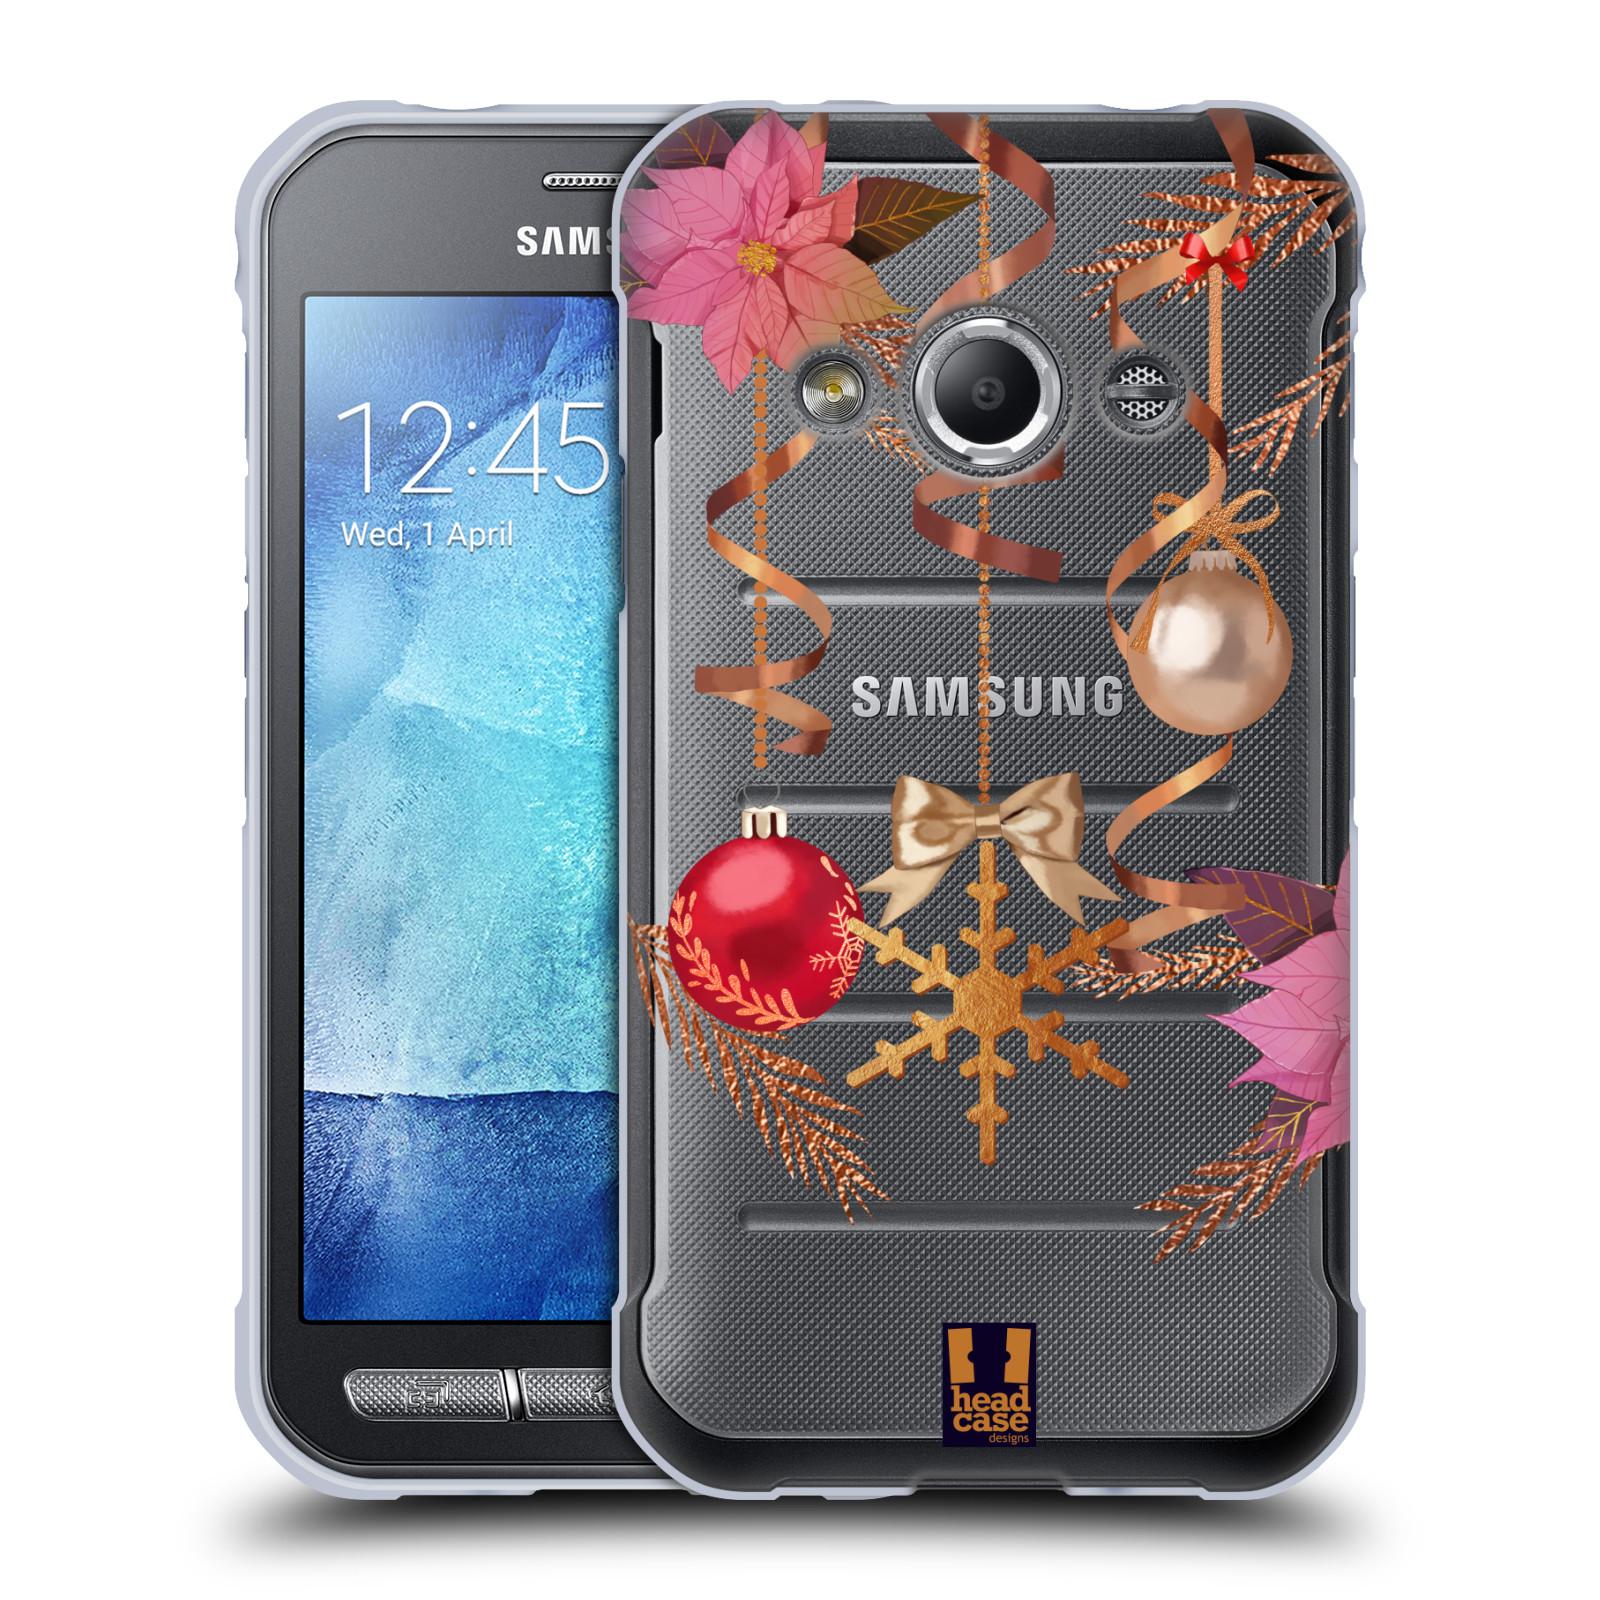 Silikonové pouzdro na mobil Samsung Galaxy Xcover 3 - Head Case - Vločka a vánoční ozdoby